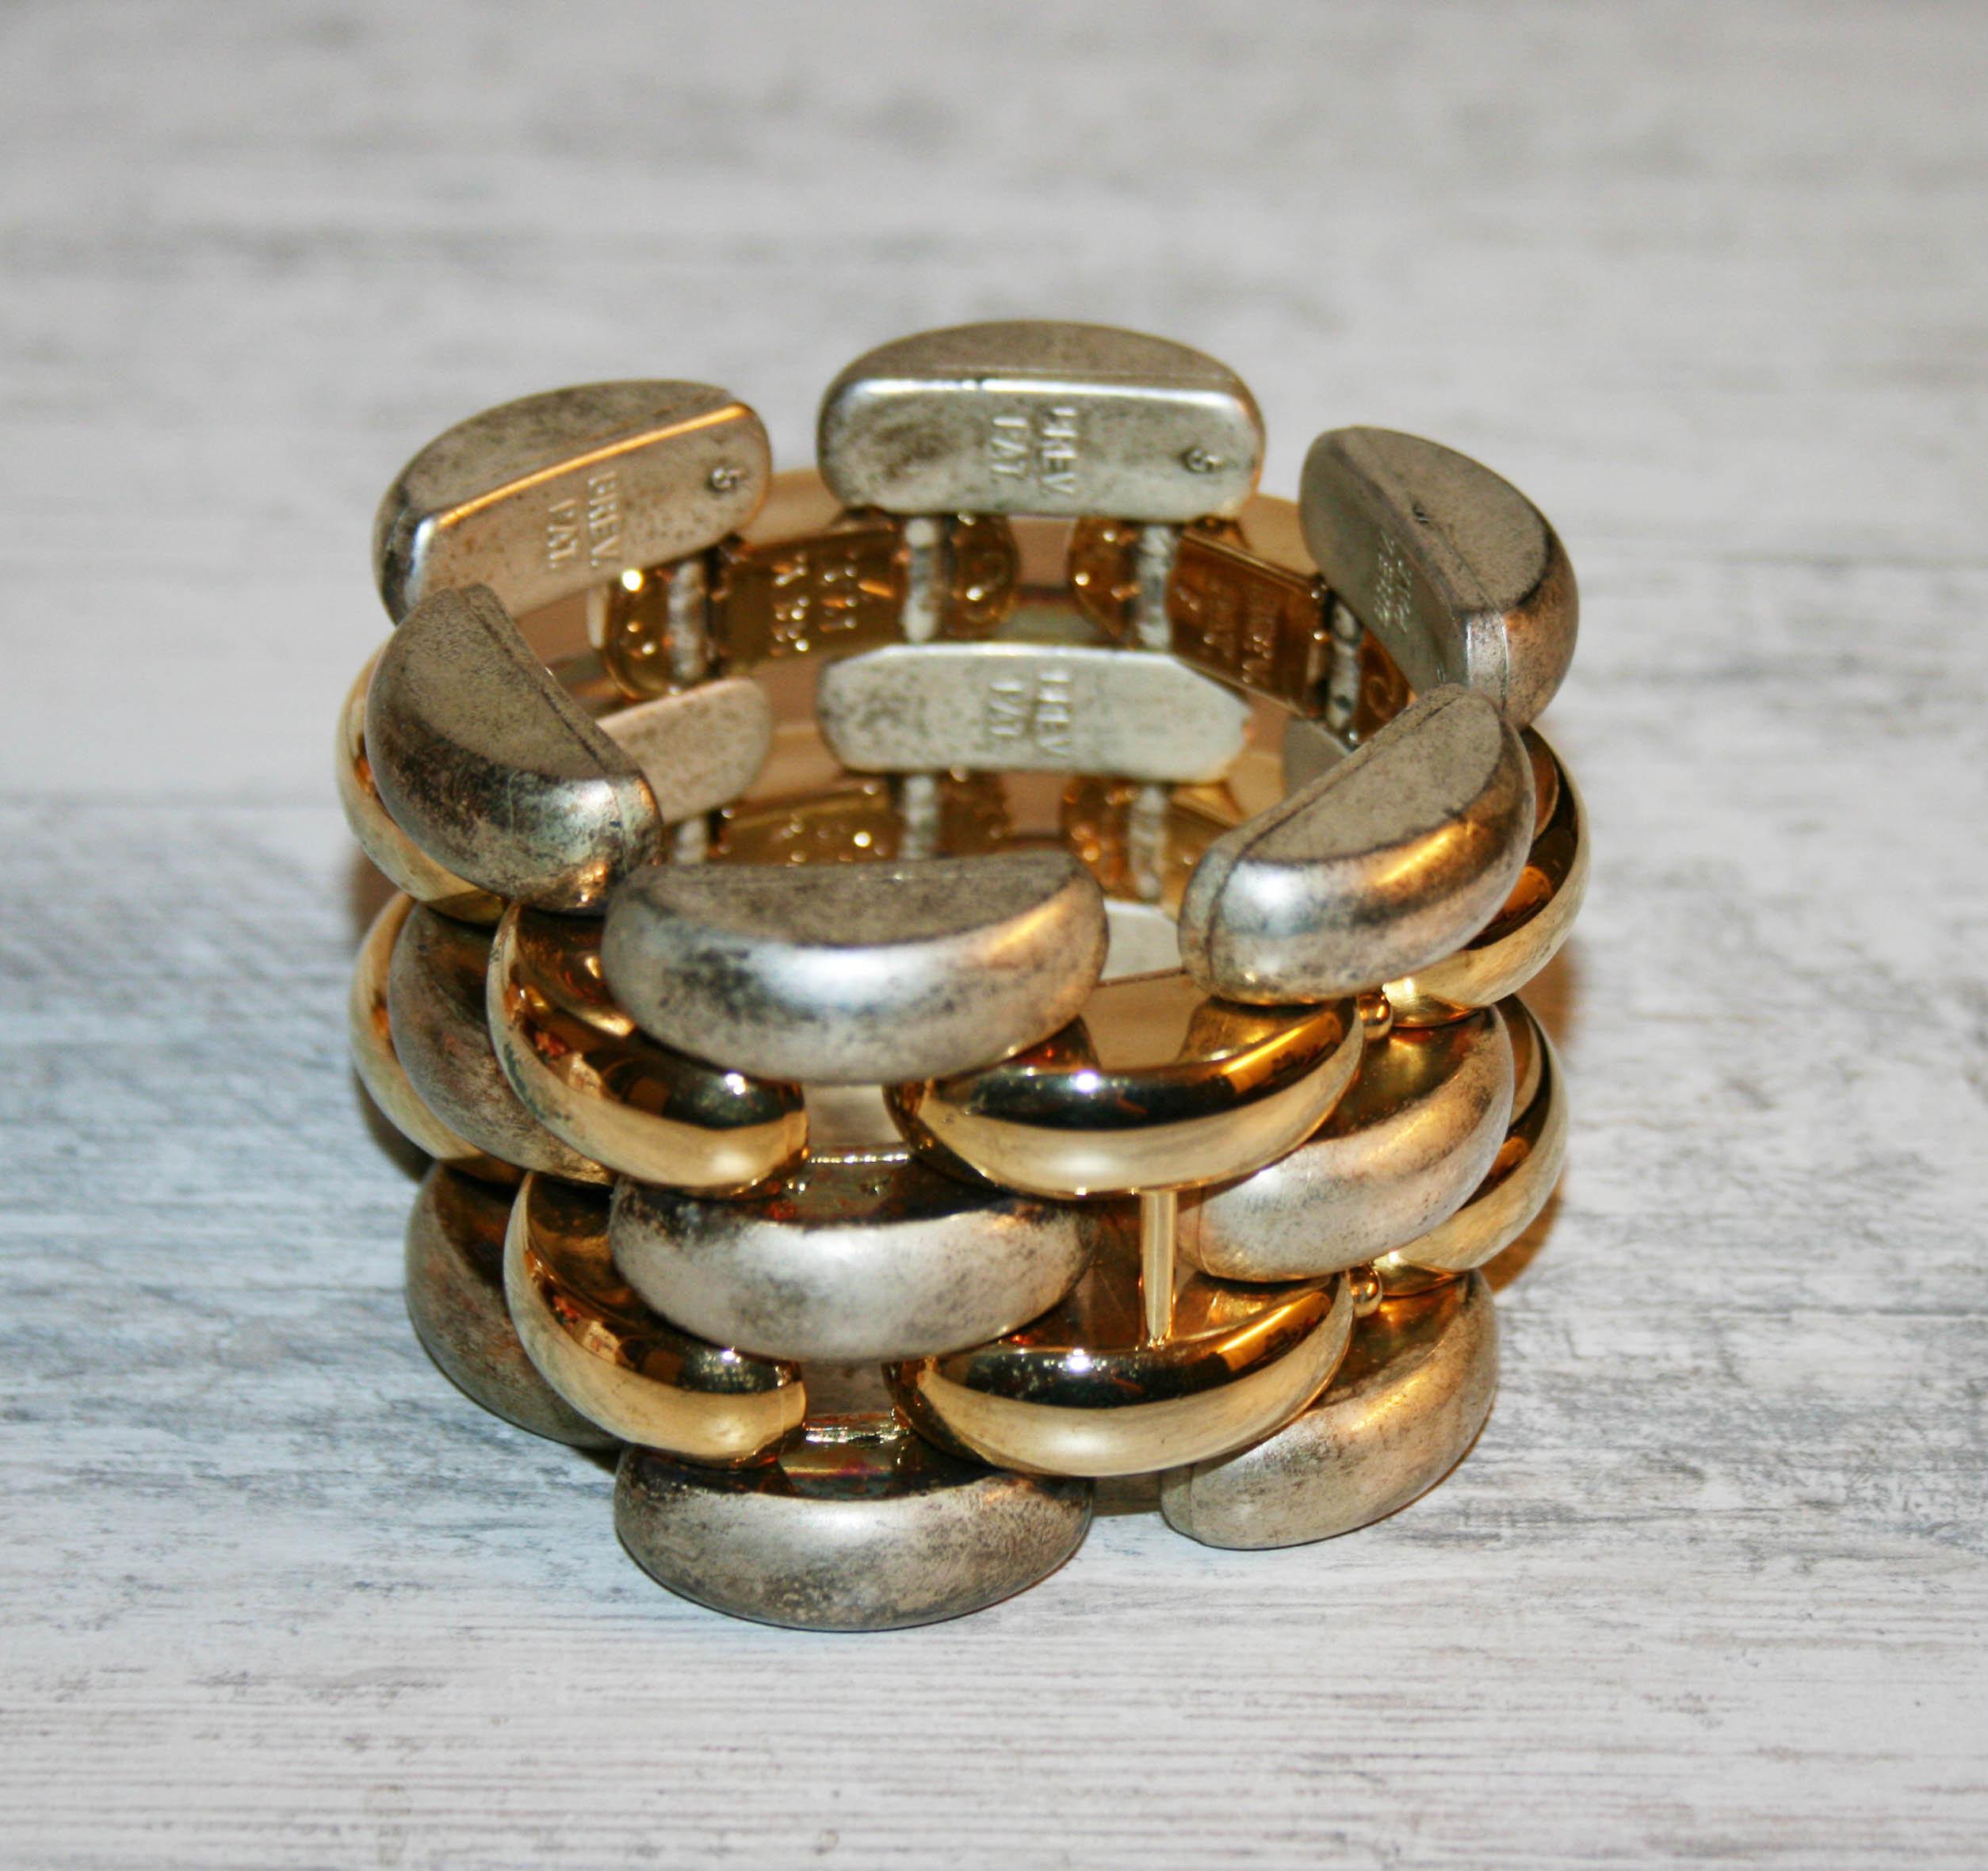 Bracelet Vintage Fantaisie 80 En Accessoire Plastique Des Mode Années Ton De Clair Brillant Bijoux Lucite hBCsQxodtr